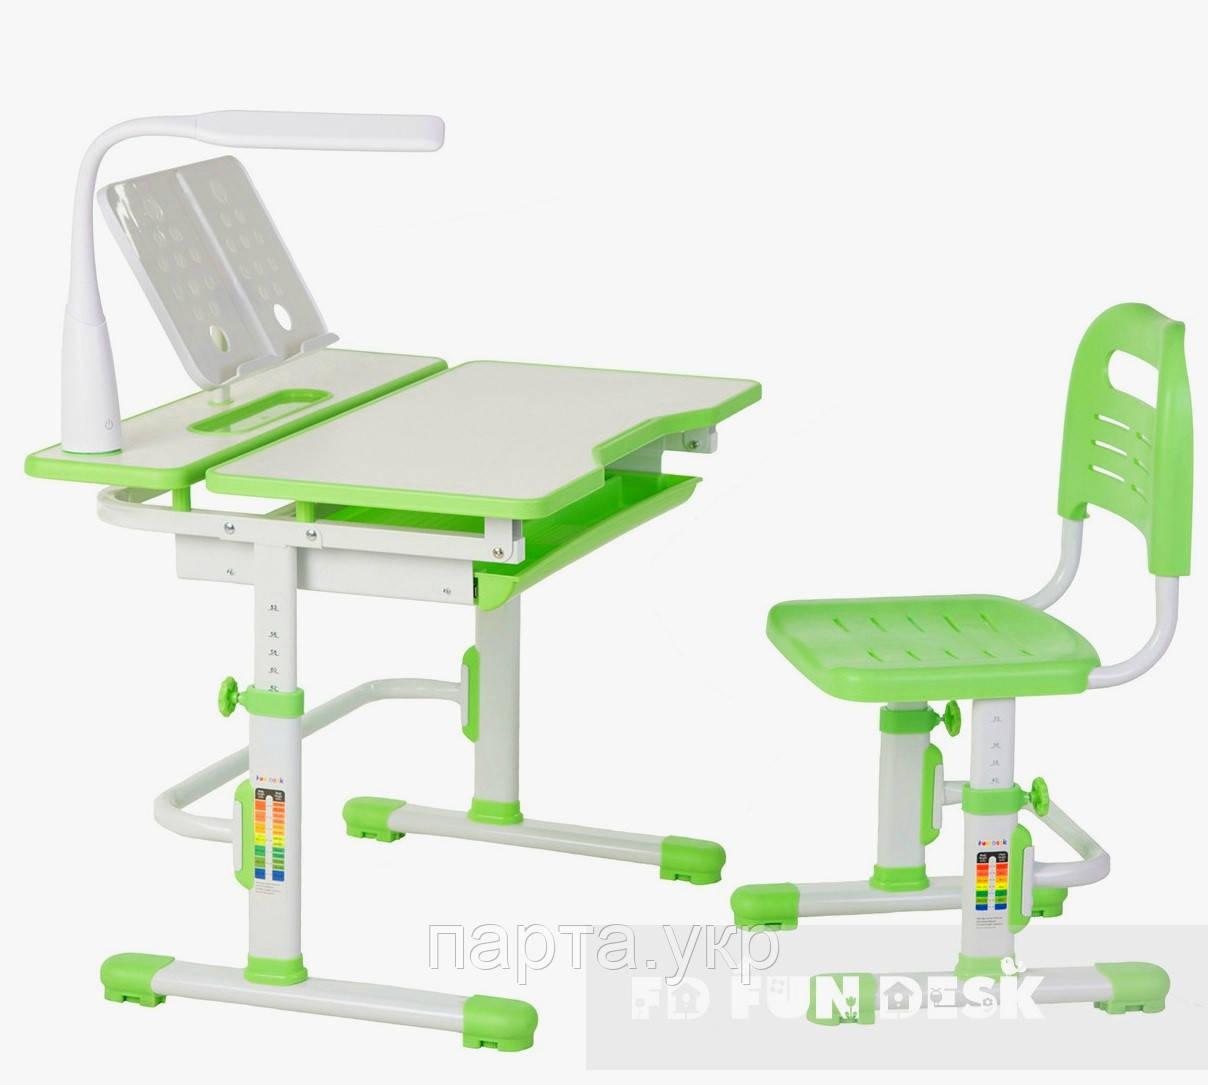 Растущая парта 80см,  стульчик лампа и подставка, Lavoro Green